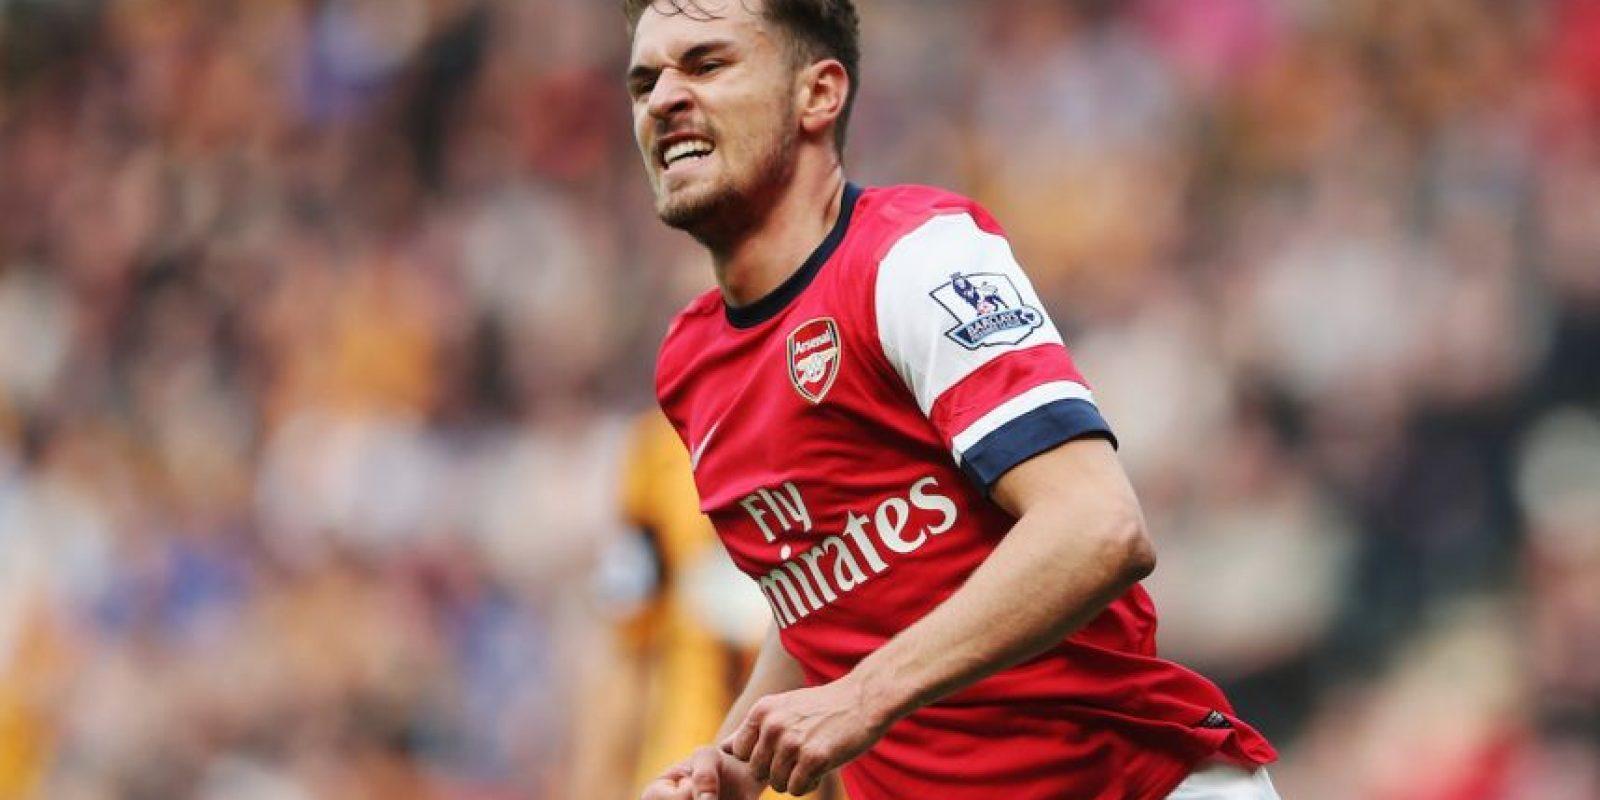 El futbolista inglés Aaron Ramsey es famoso debido a que cuando anota un gol, mueren personajes famosos. Foto:Getty Images